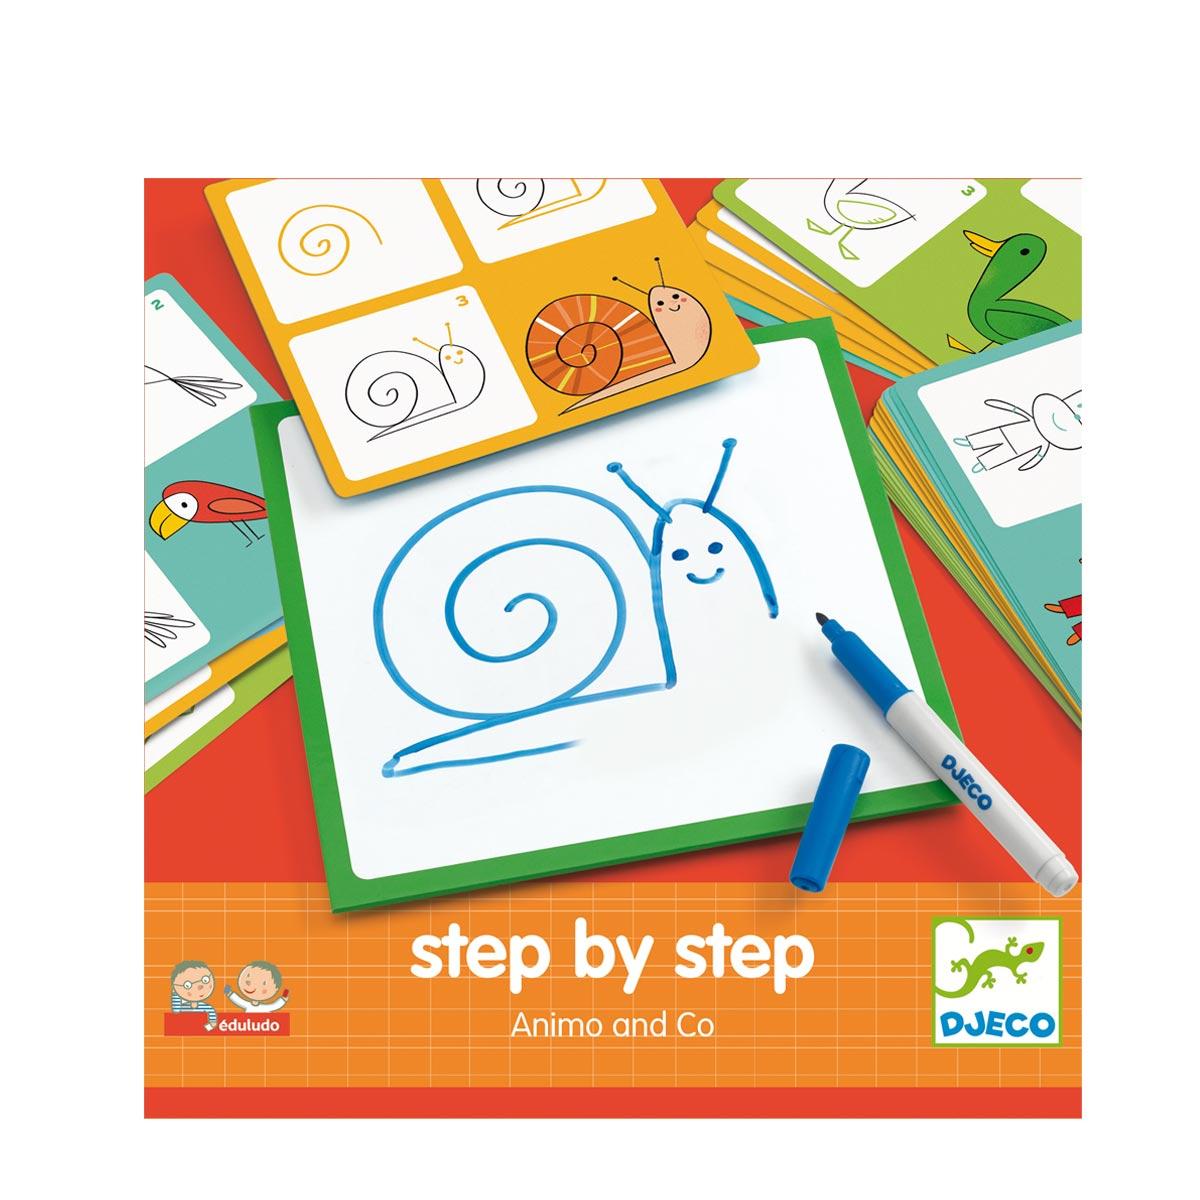 Jeux De Dessin Step By Step Les Animaux à Apprendre Les Animaux Pour Bebe